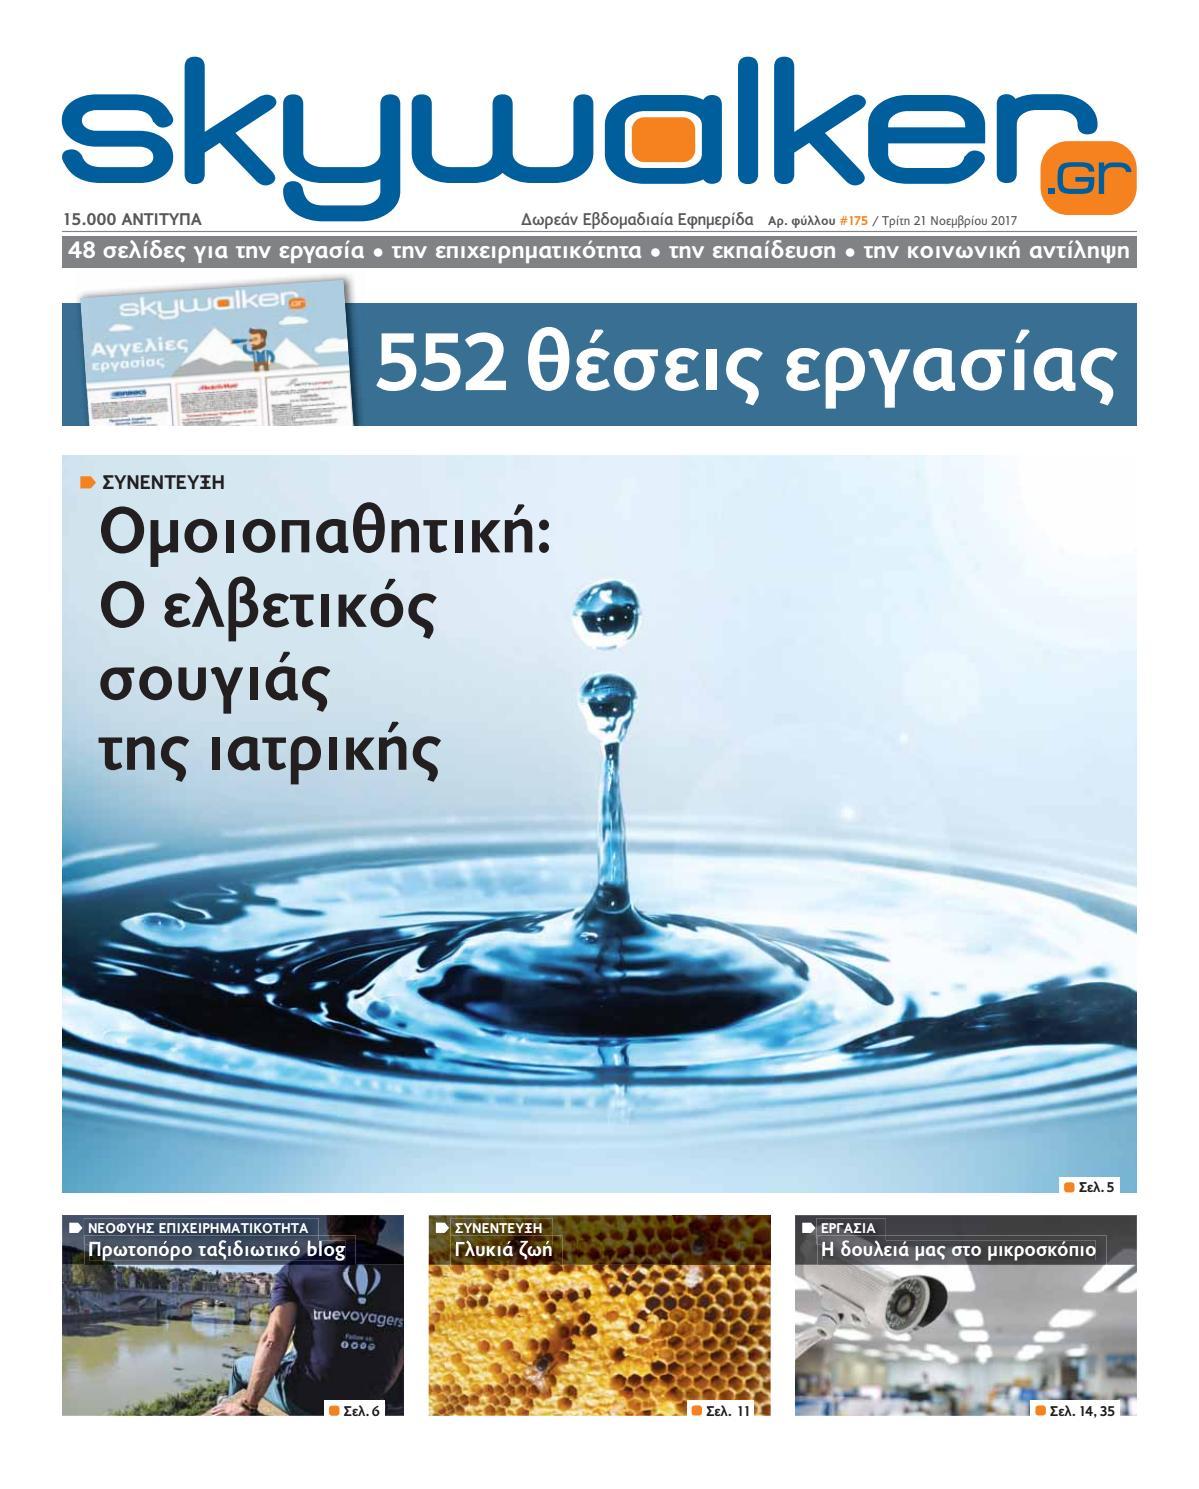 Skywalker Free Press 21 Νοεμβρίου 2017 by Skywalker GR - issuu aaafbf3170c